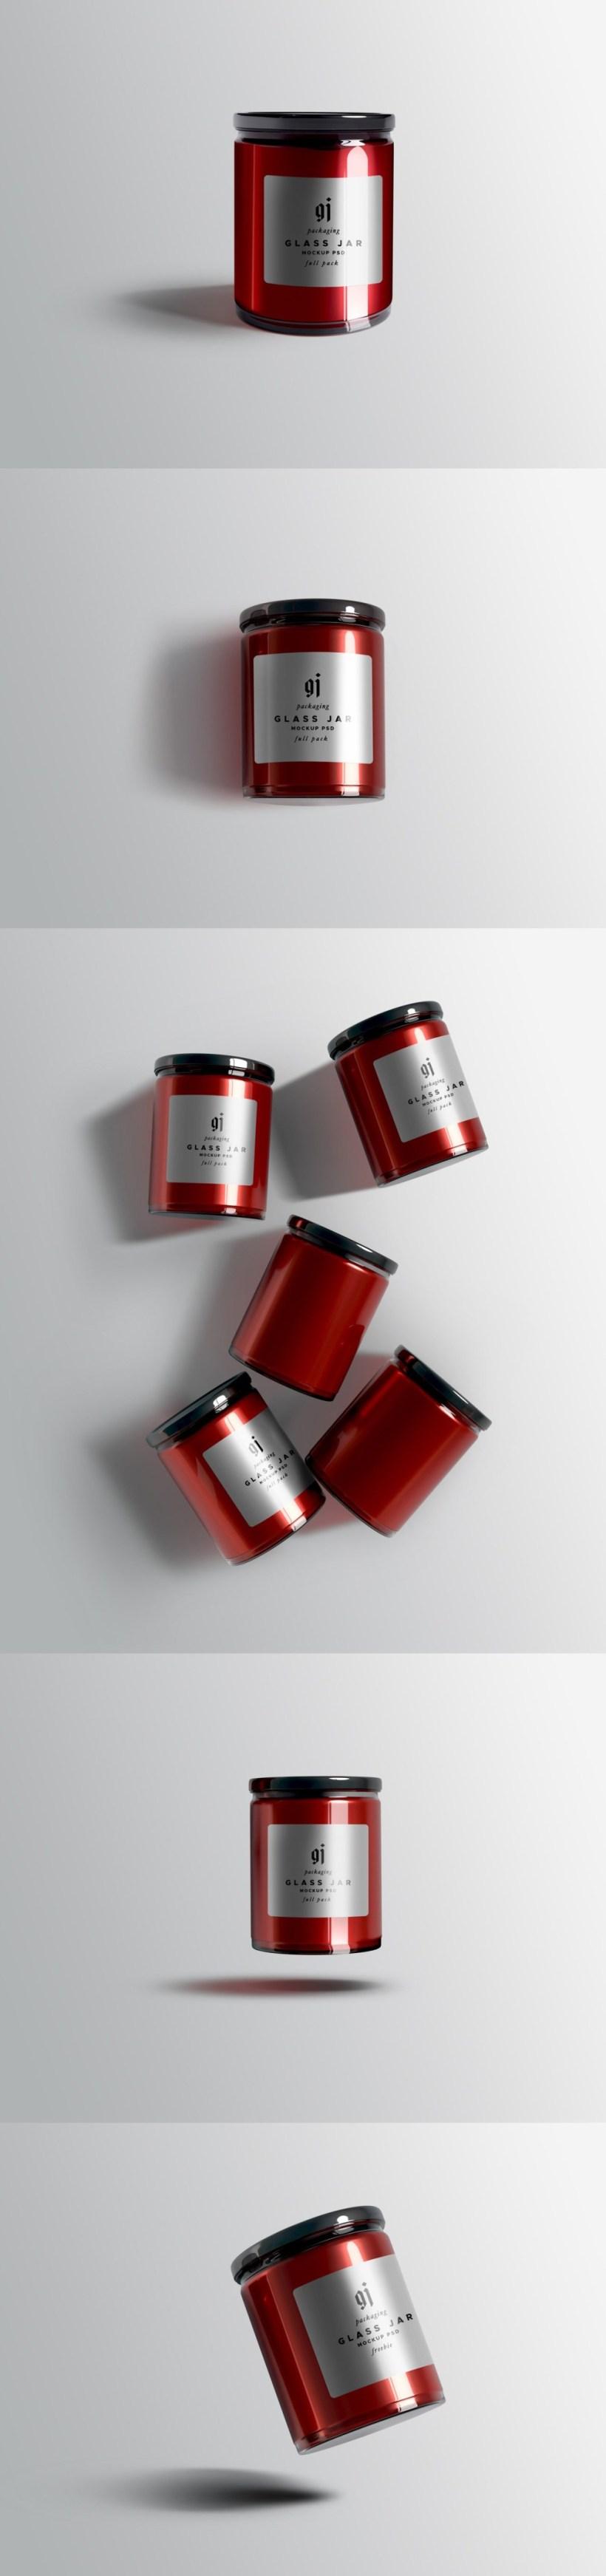 Glass Jar Mockups Set